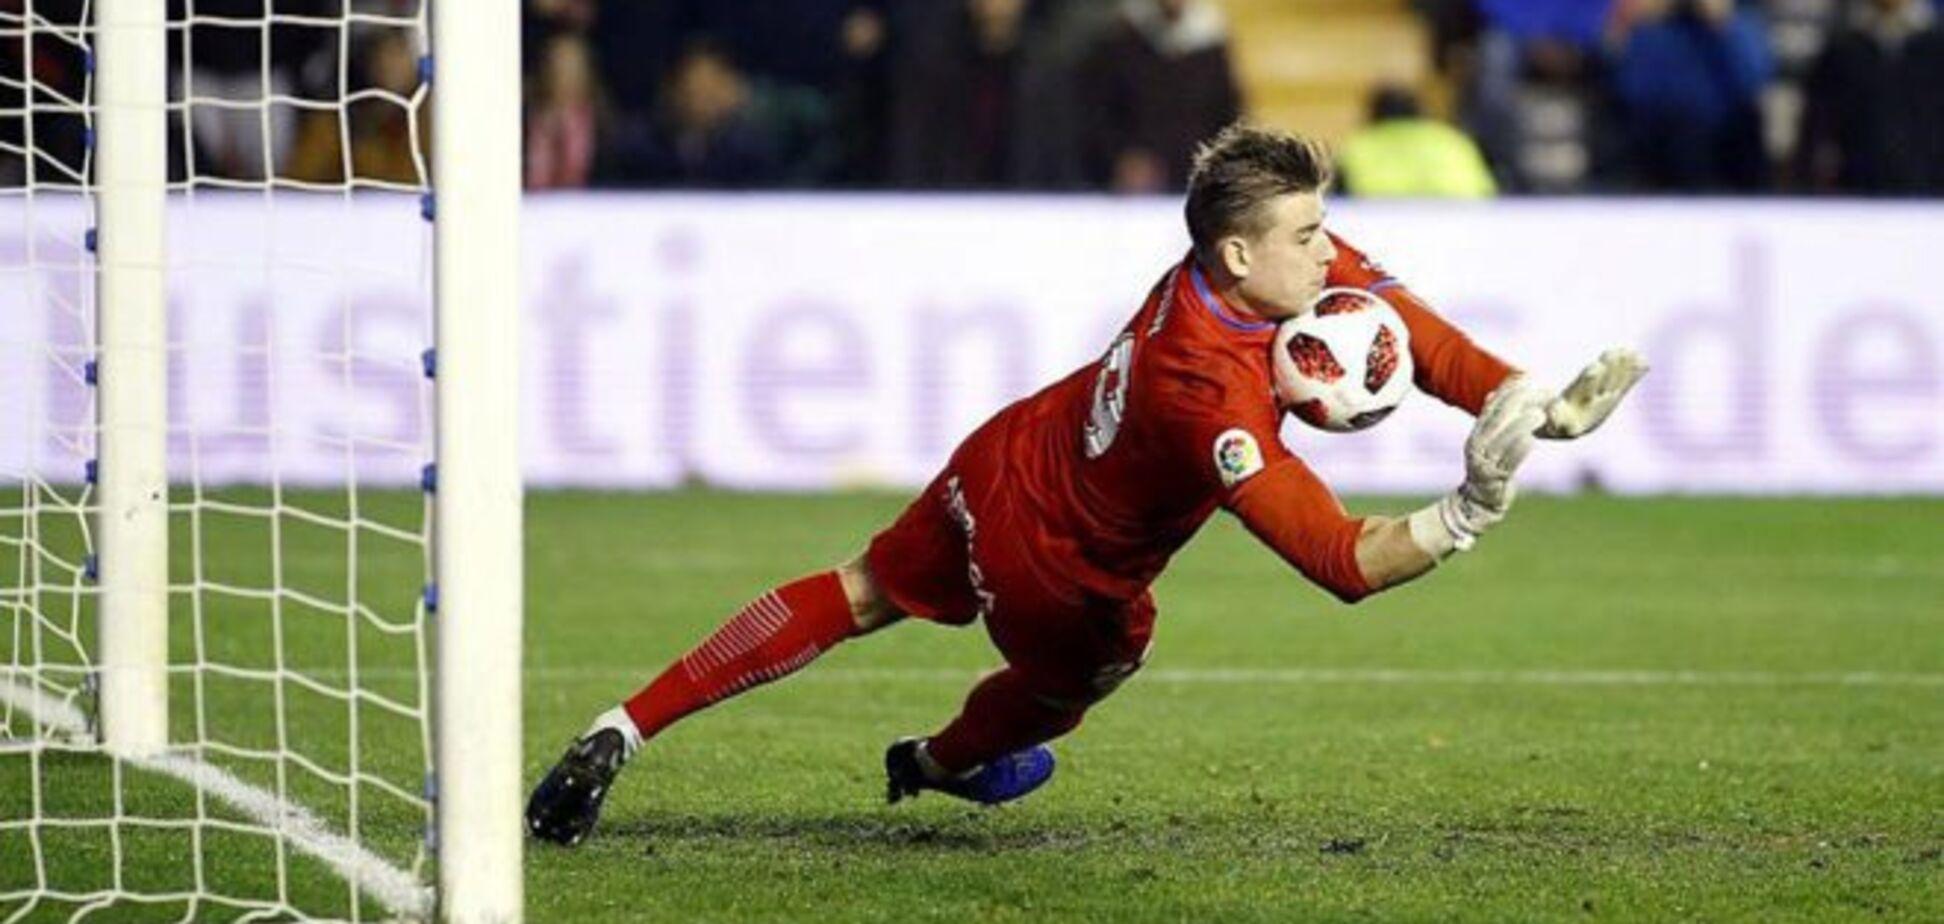 У воротаря збірної України з'явився варіант у Каталонії